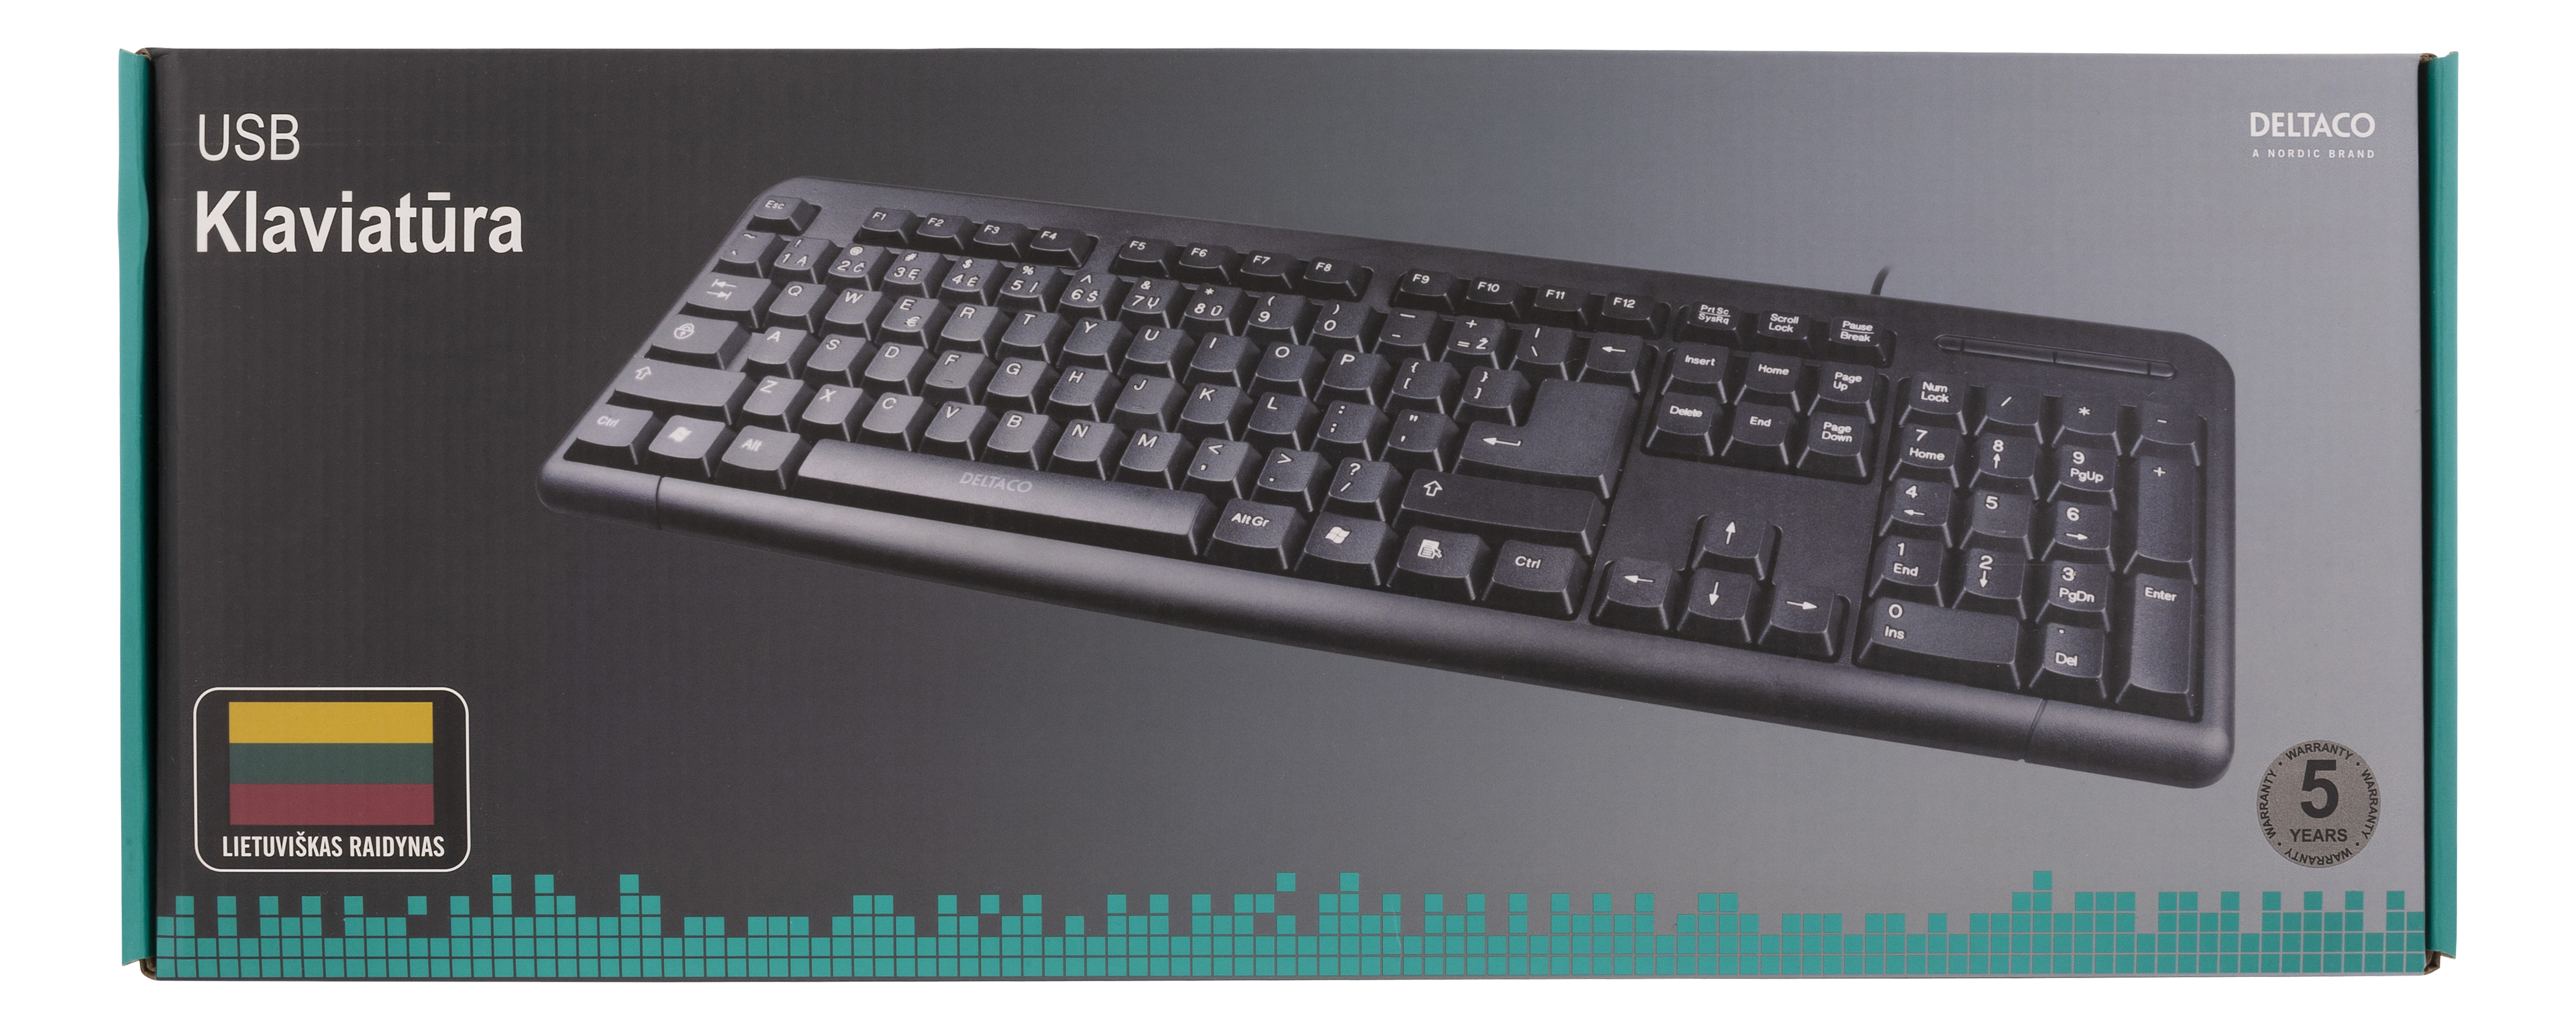 TB 58 LT Deltaco keyboard, 104 keys, Lithuanian layout, USB